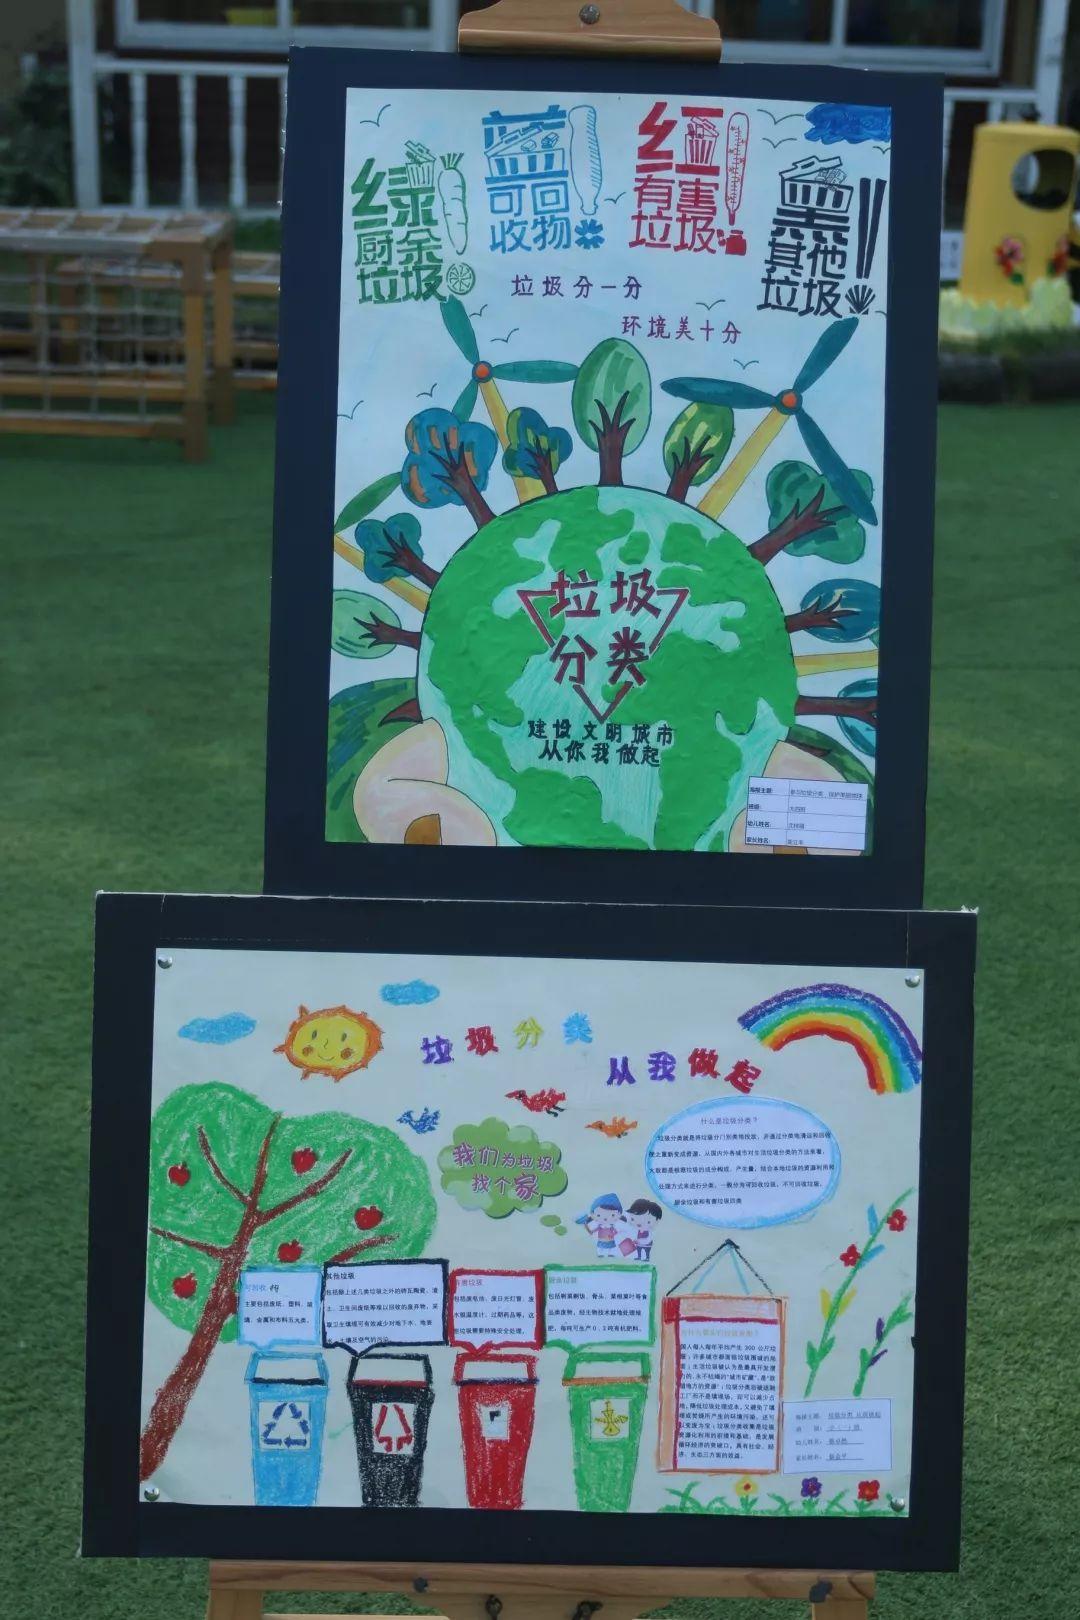 垃圾分类,你我同行——记幼儿园垃圾分类亲子海报活动